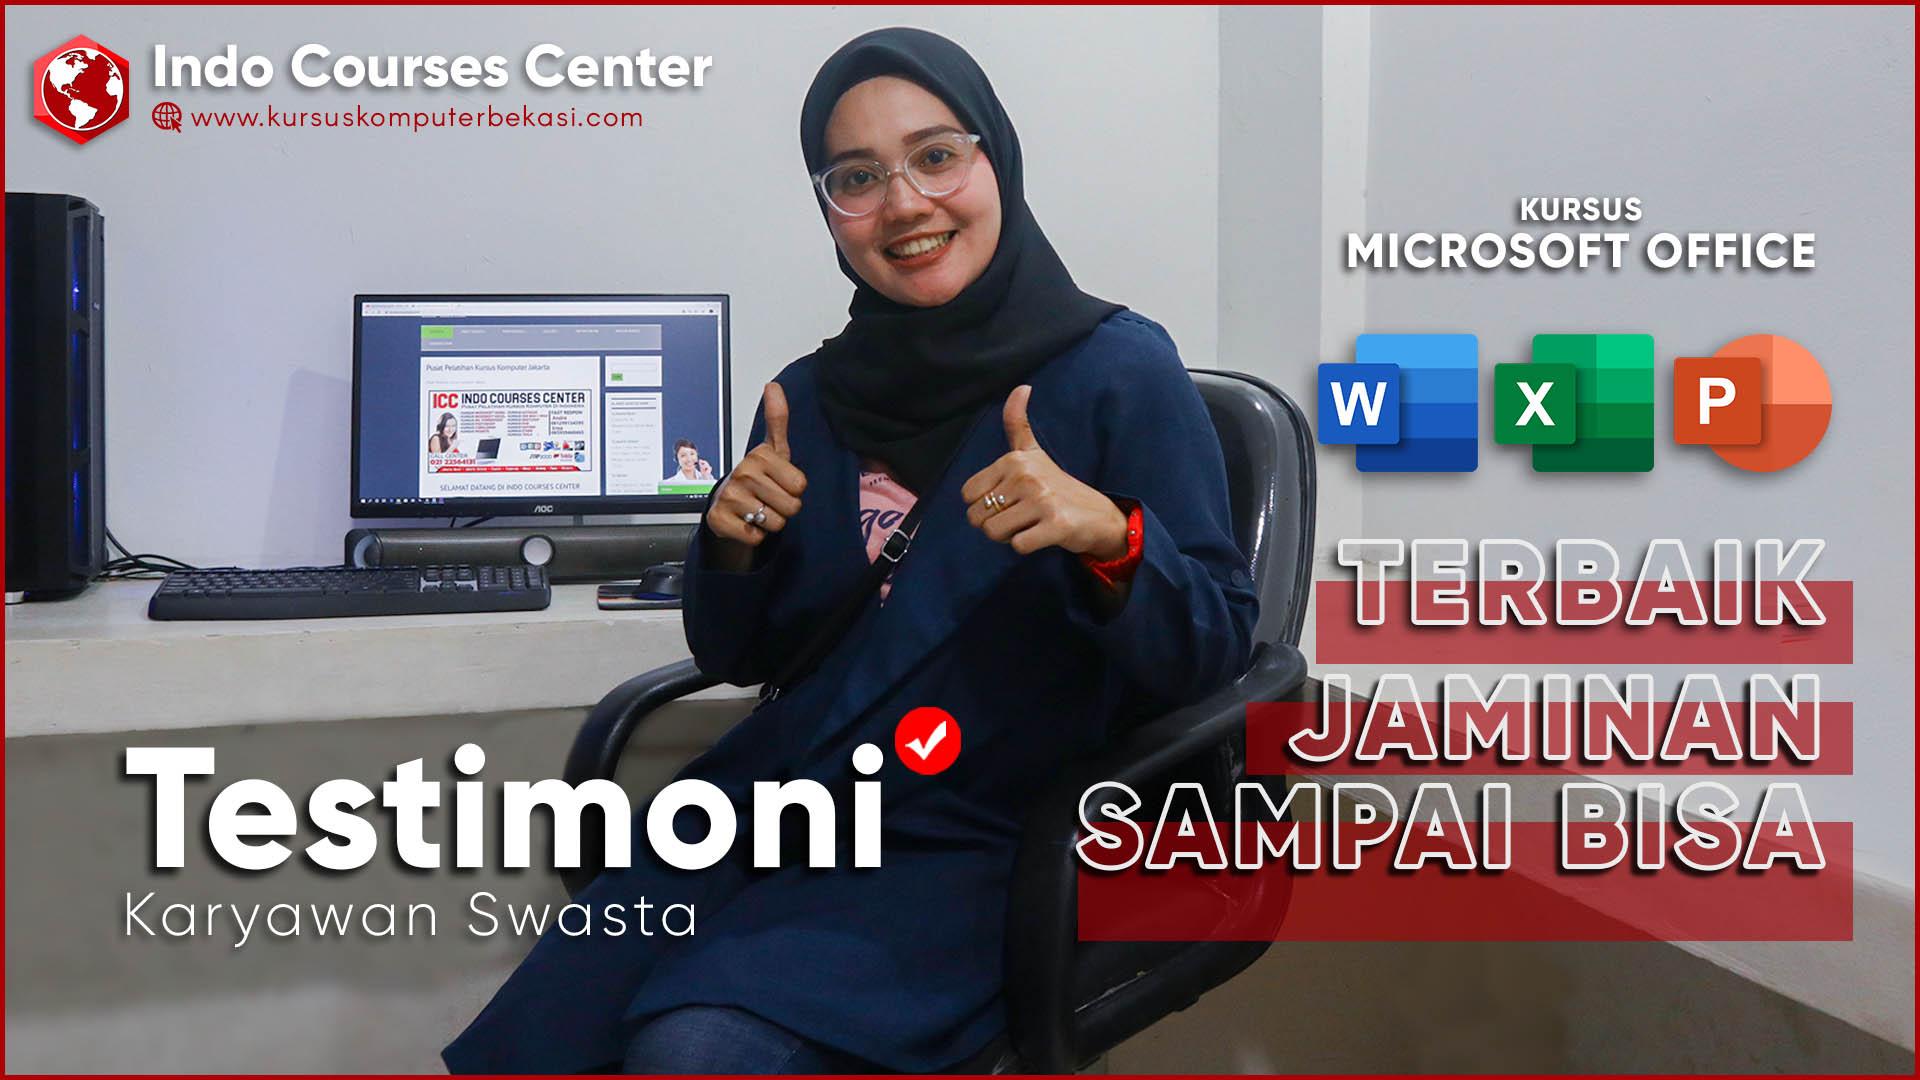 Kursus Microsoft Office Terbaik Di Indonesia JAMINAN SAMPAI BISA @Testimoni Karyawan Swasta